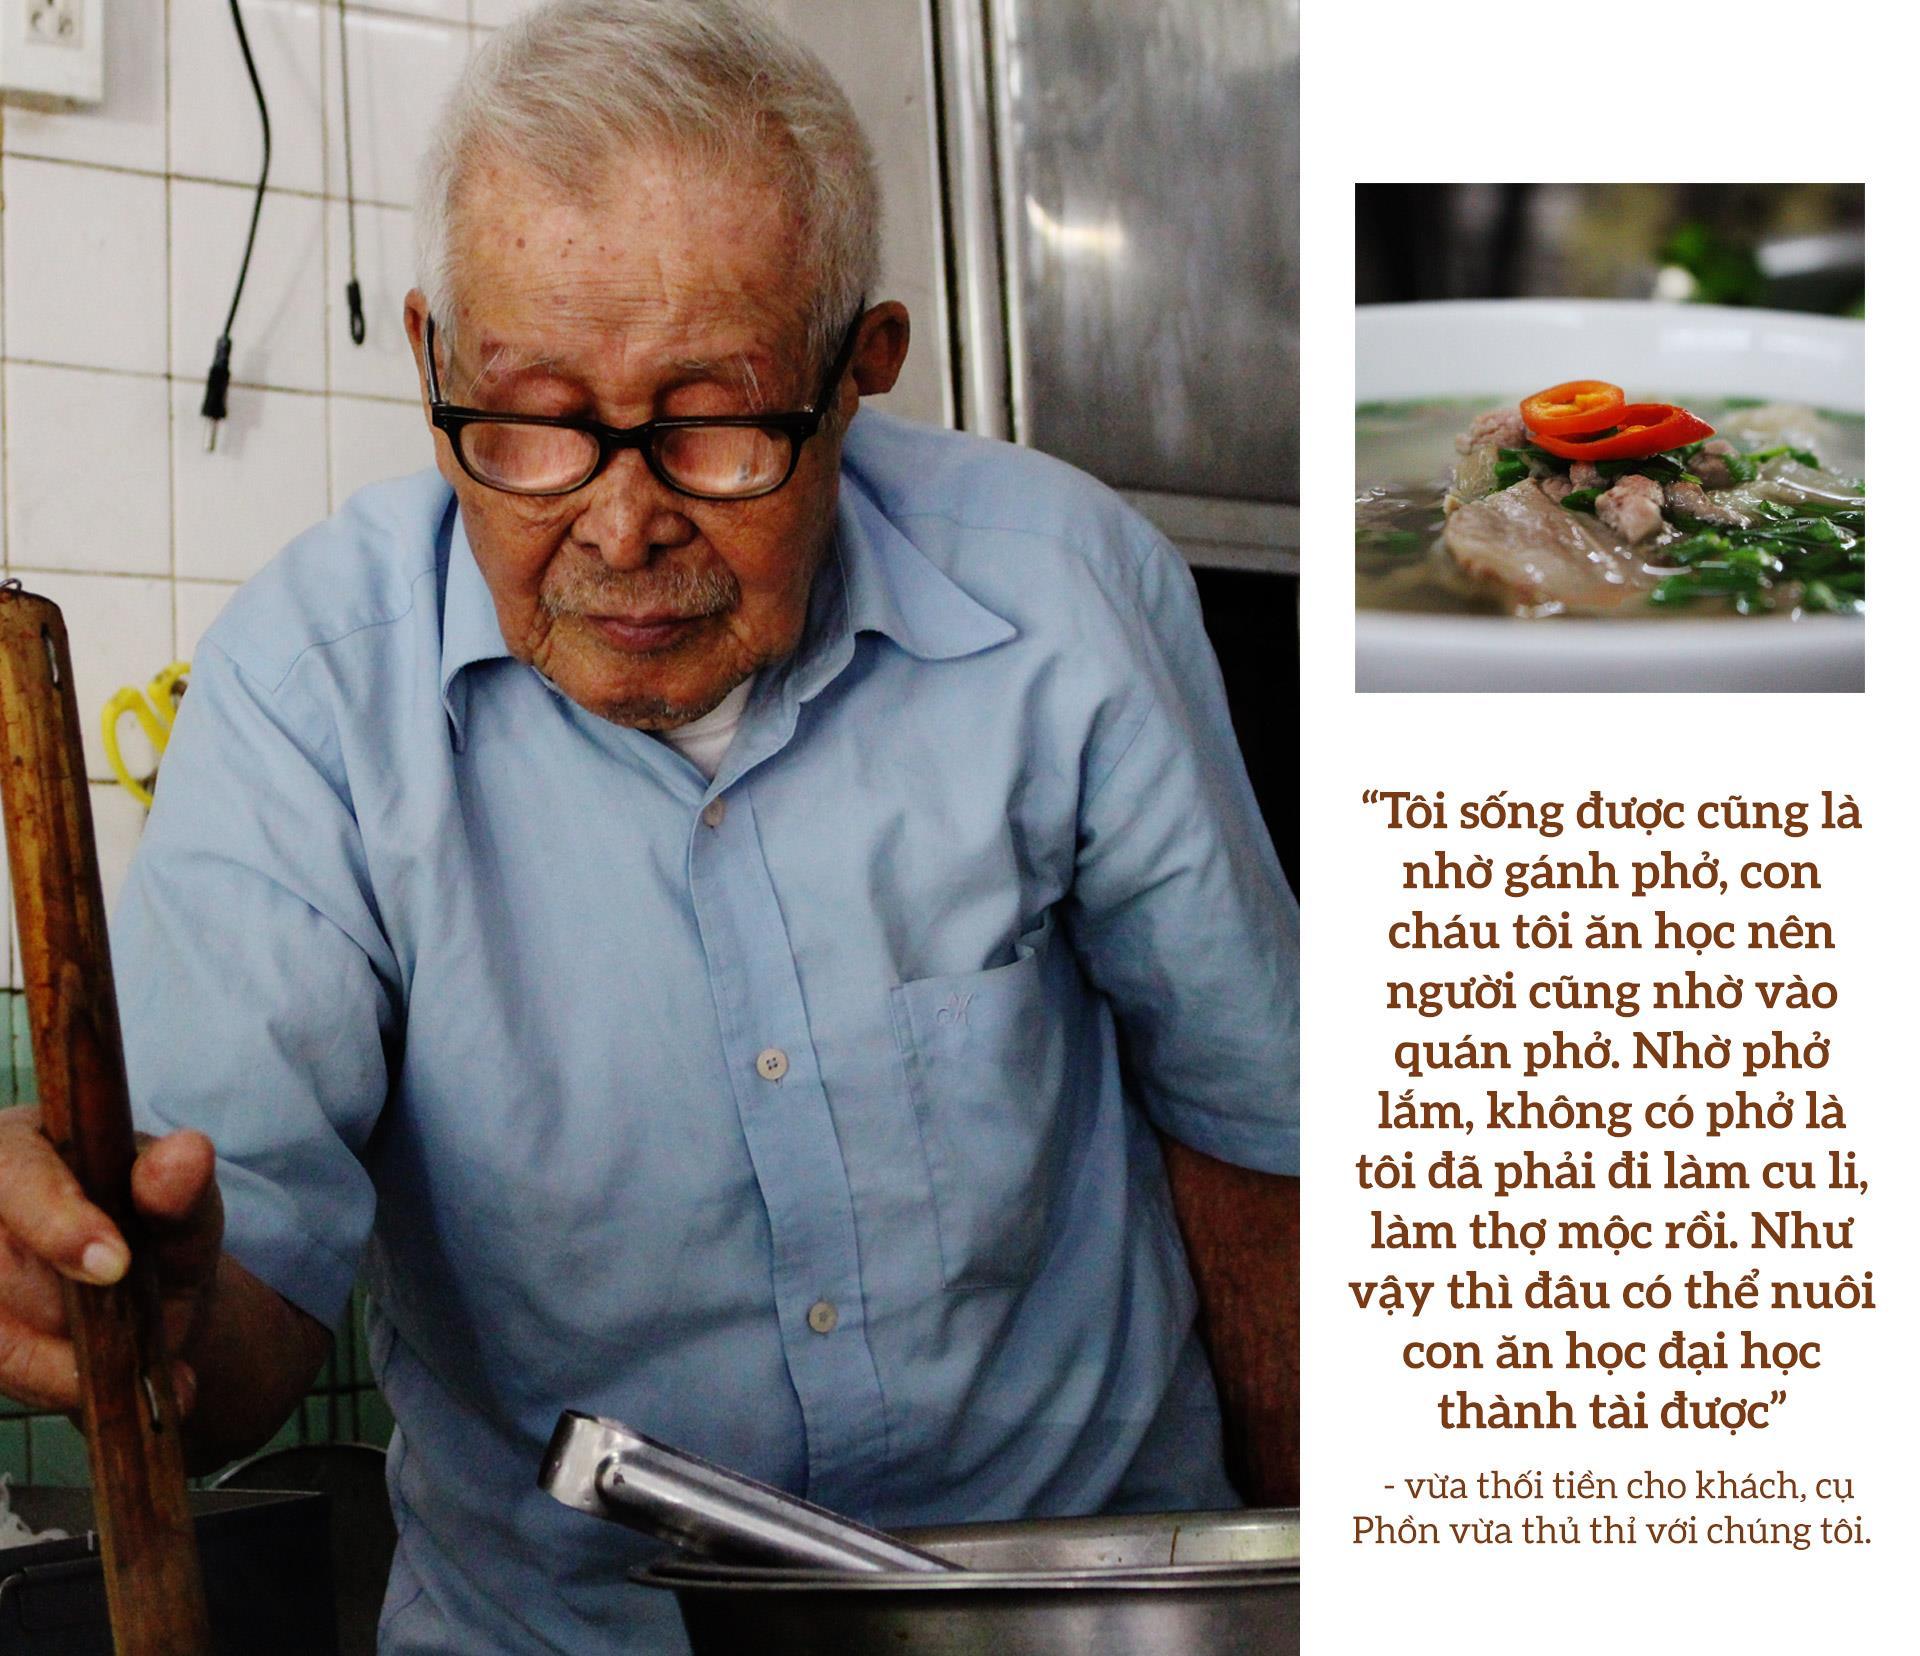 70 năm, một quán phở, một cuộc đời - ảnh 4